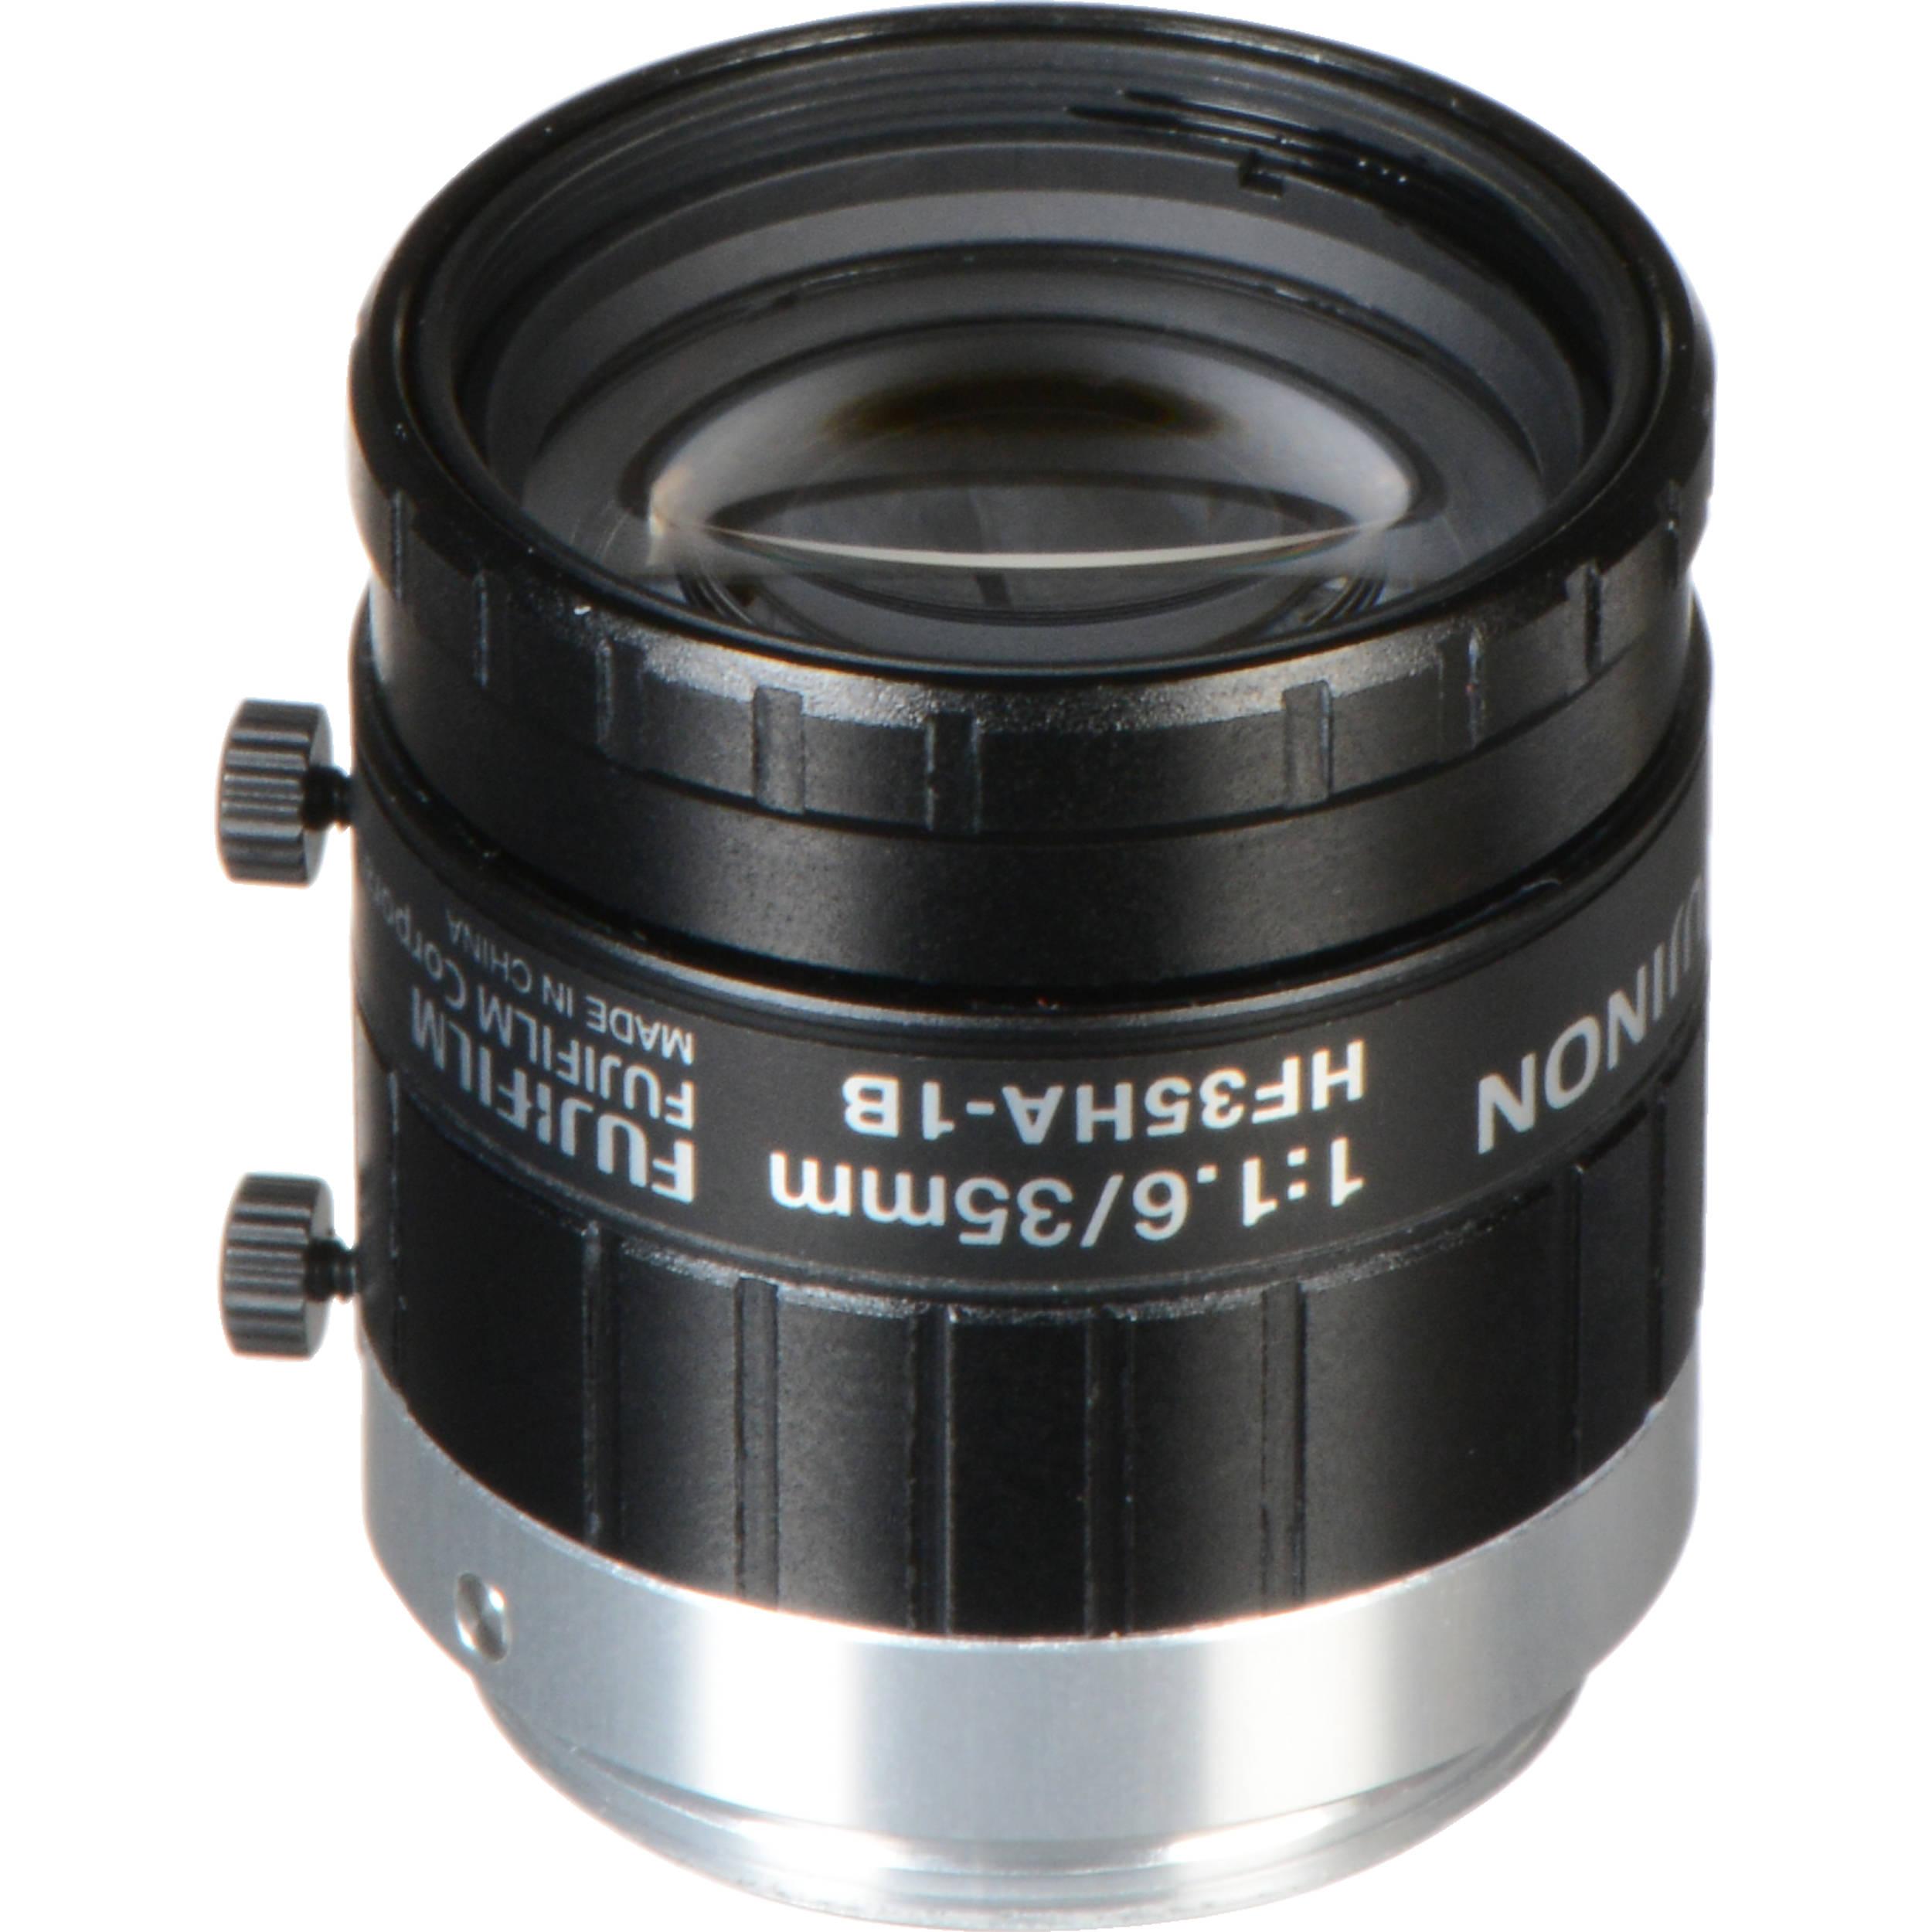 3 Mega Pixel Lens